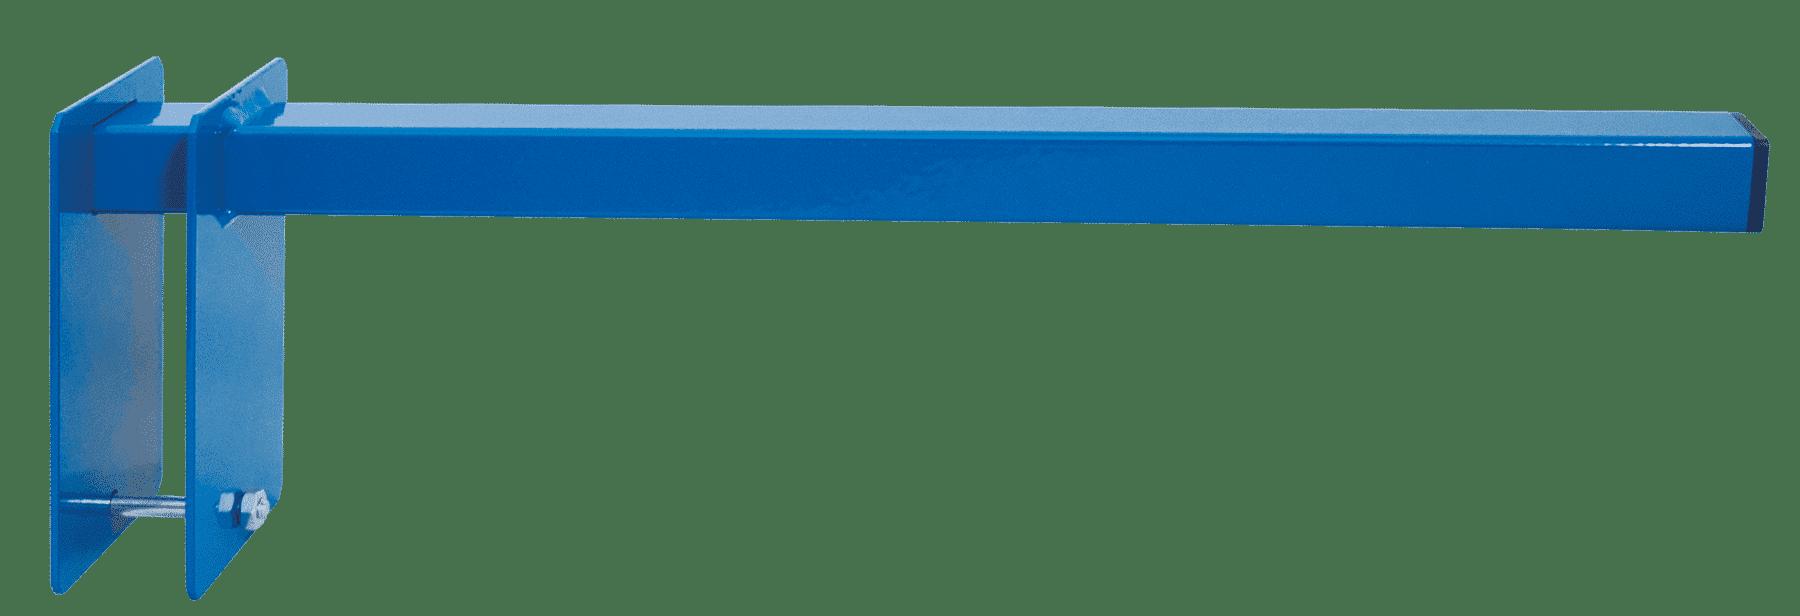 Trennarme 500 x 100 x 165 mm (TxBxH) – für Profillager-Regal von Schulte Lagertechnik in blau